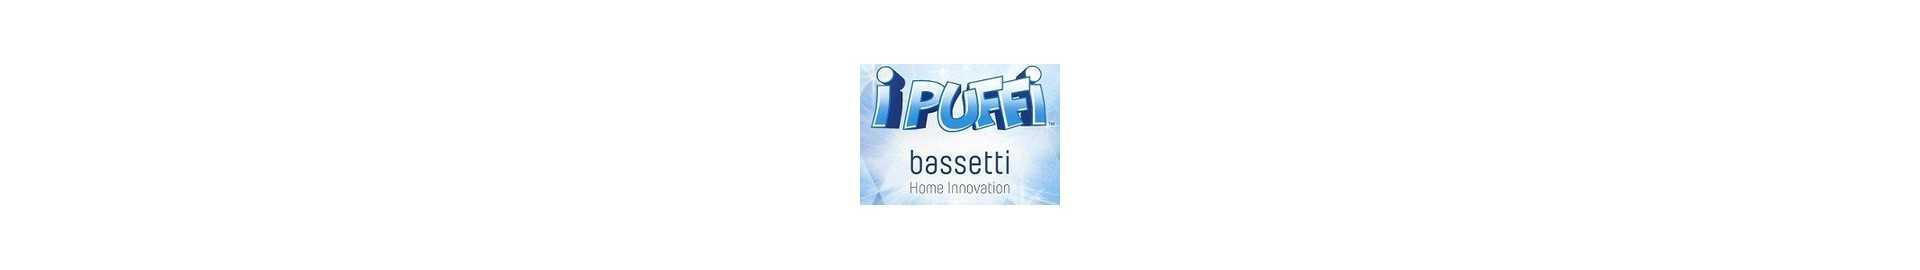 PUFFI BASSETTI VENDITA ONLINE - Raso line L.F.D. Home